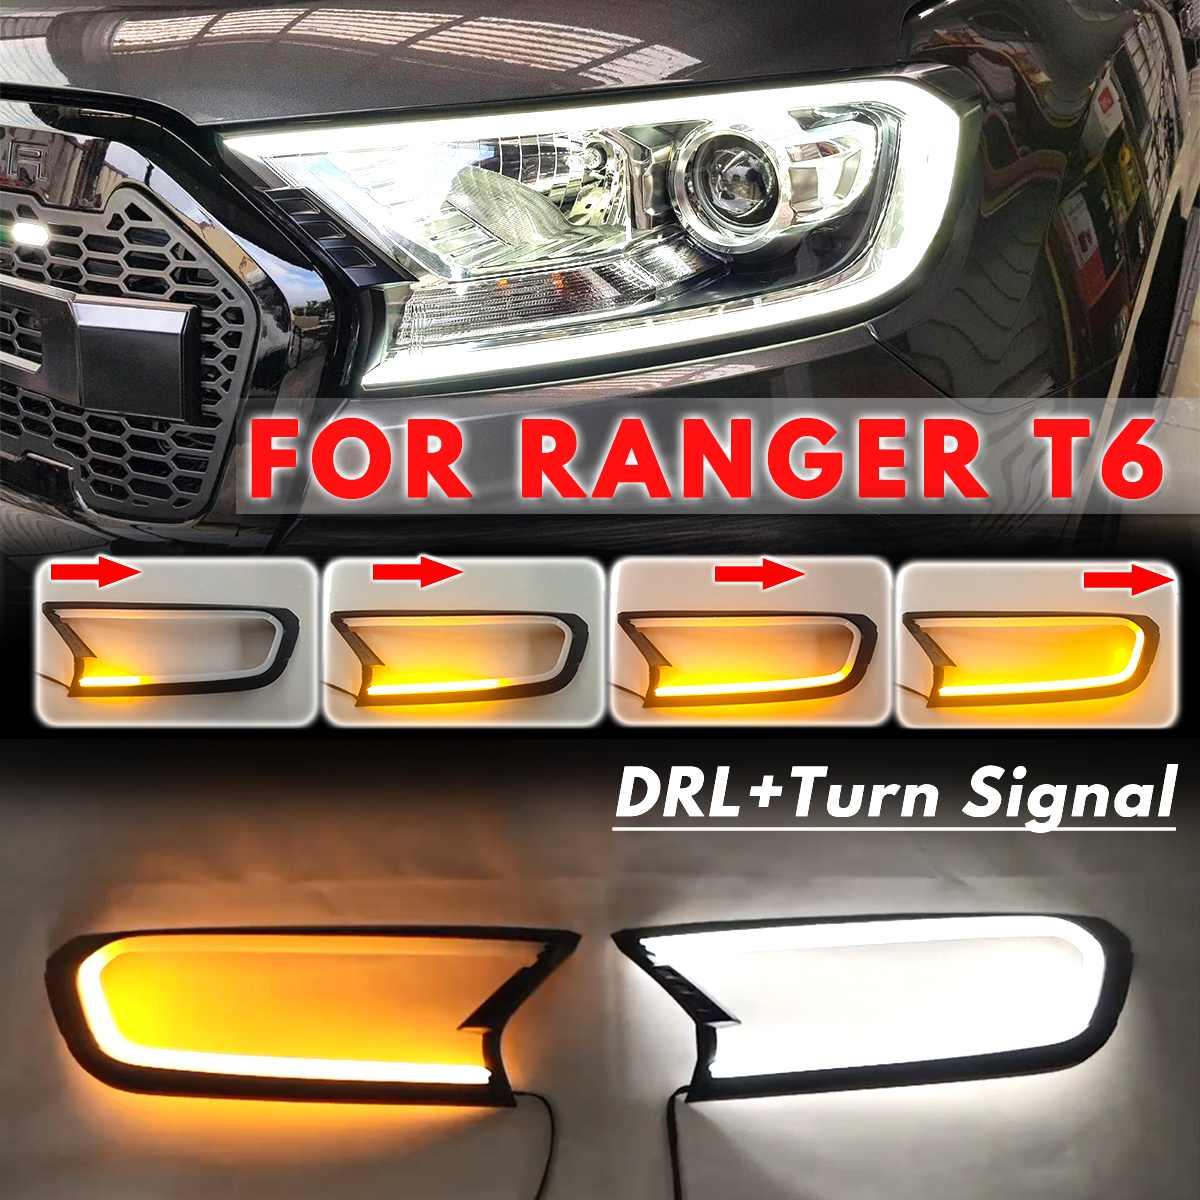 3 stil 2x LED Kopf Licht Vorne Shell Cover Trim Für FORD RANGER T6 WILDTRAK 2015 2016 2017 2018 ABS lampe Hauben